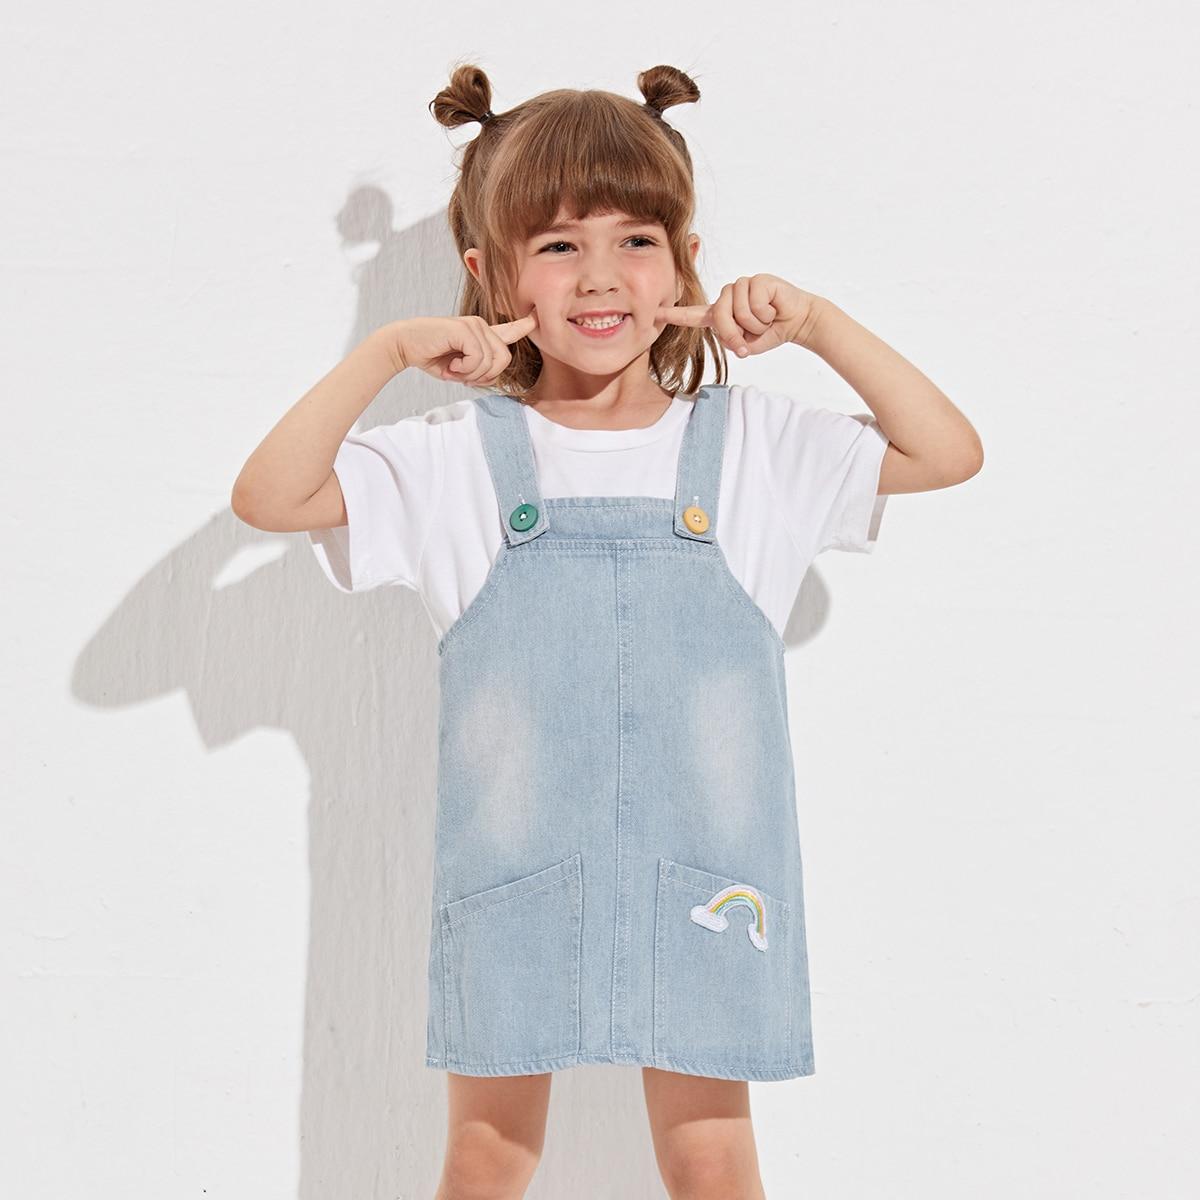 для девочек радуга заплатка Джинсовый комбинезон Платье SheIn skdress25210519439